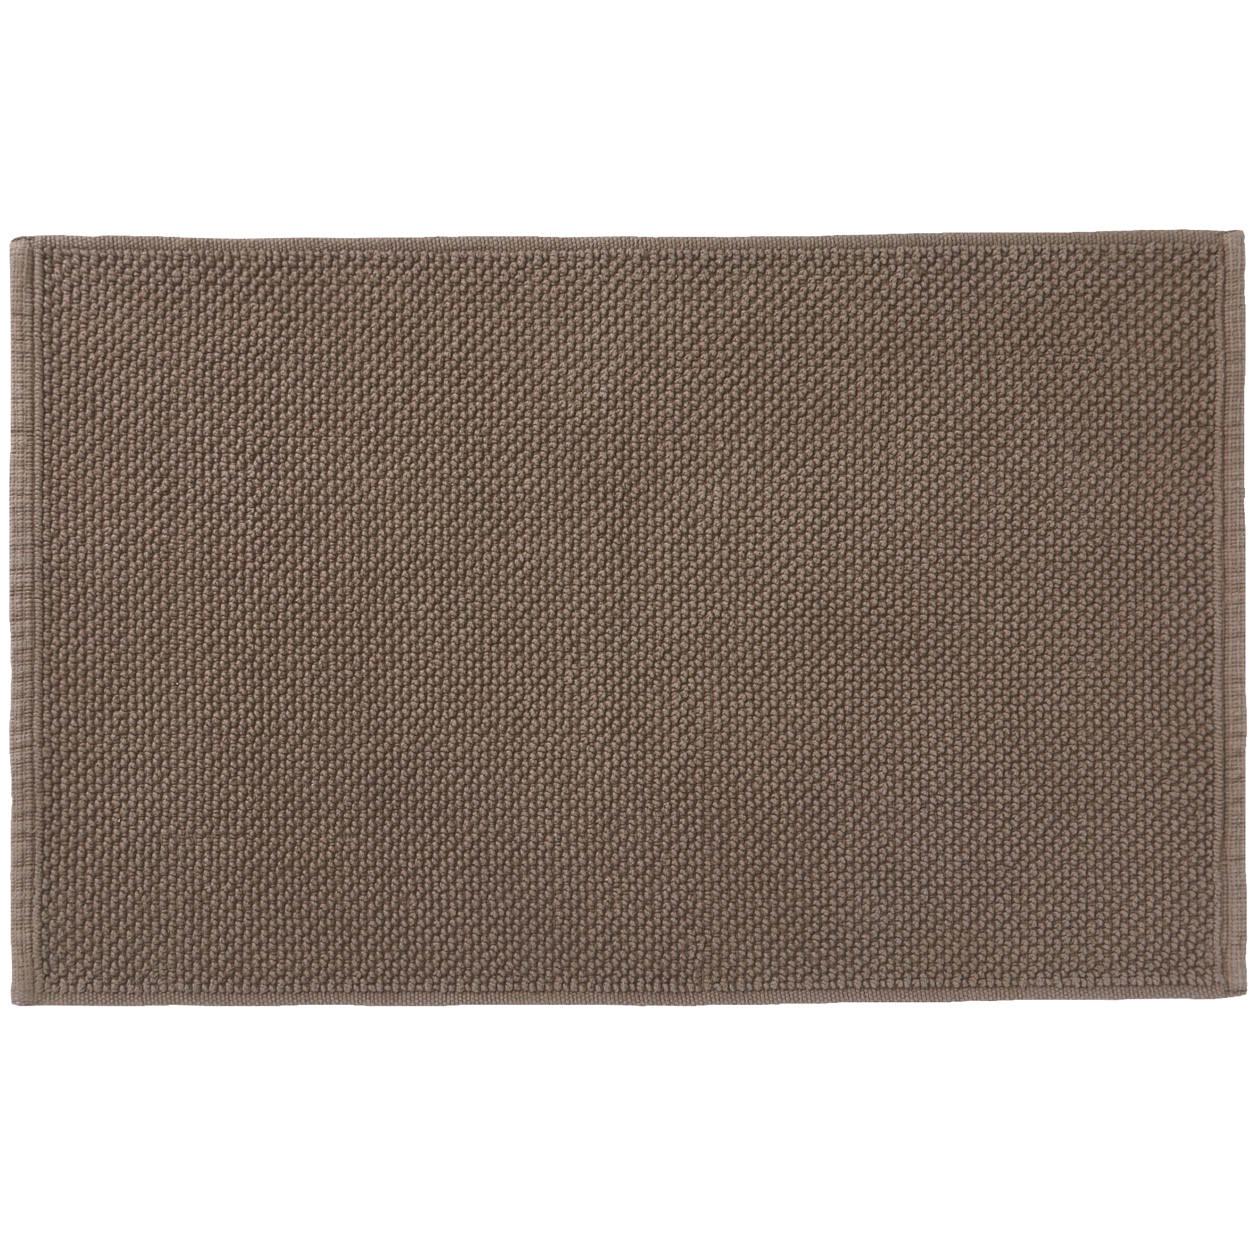 インド綿手織パイルバスマット・S/ブラウン